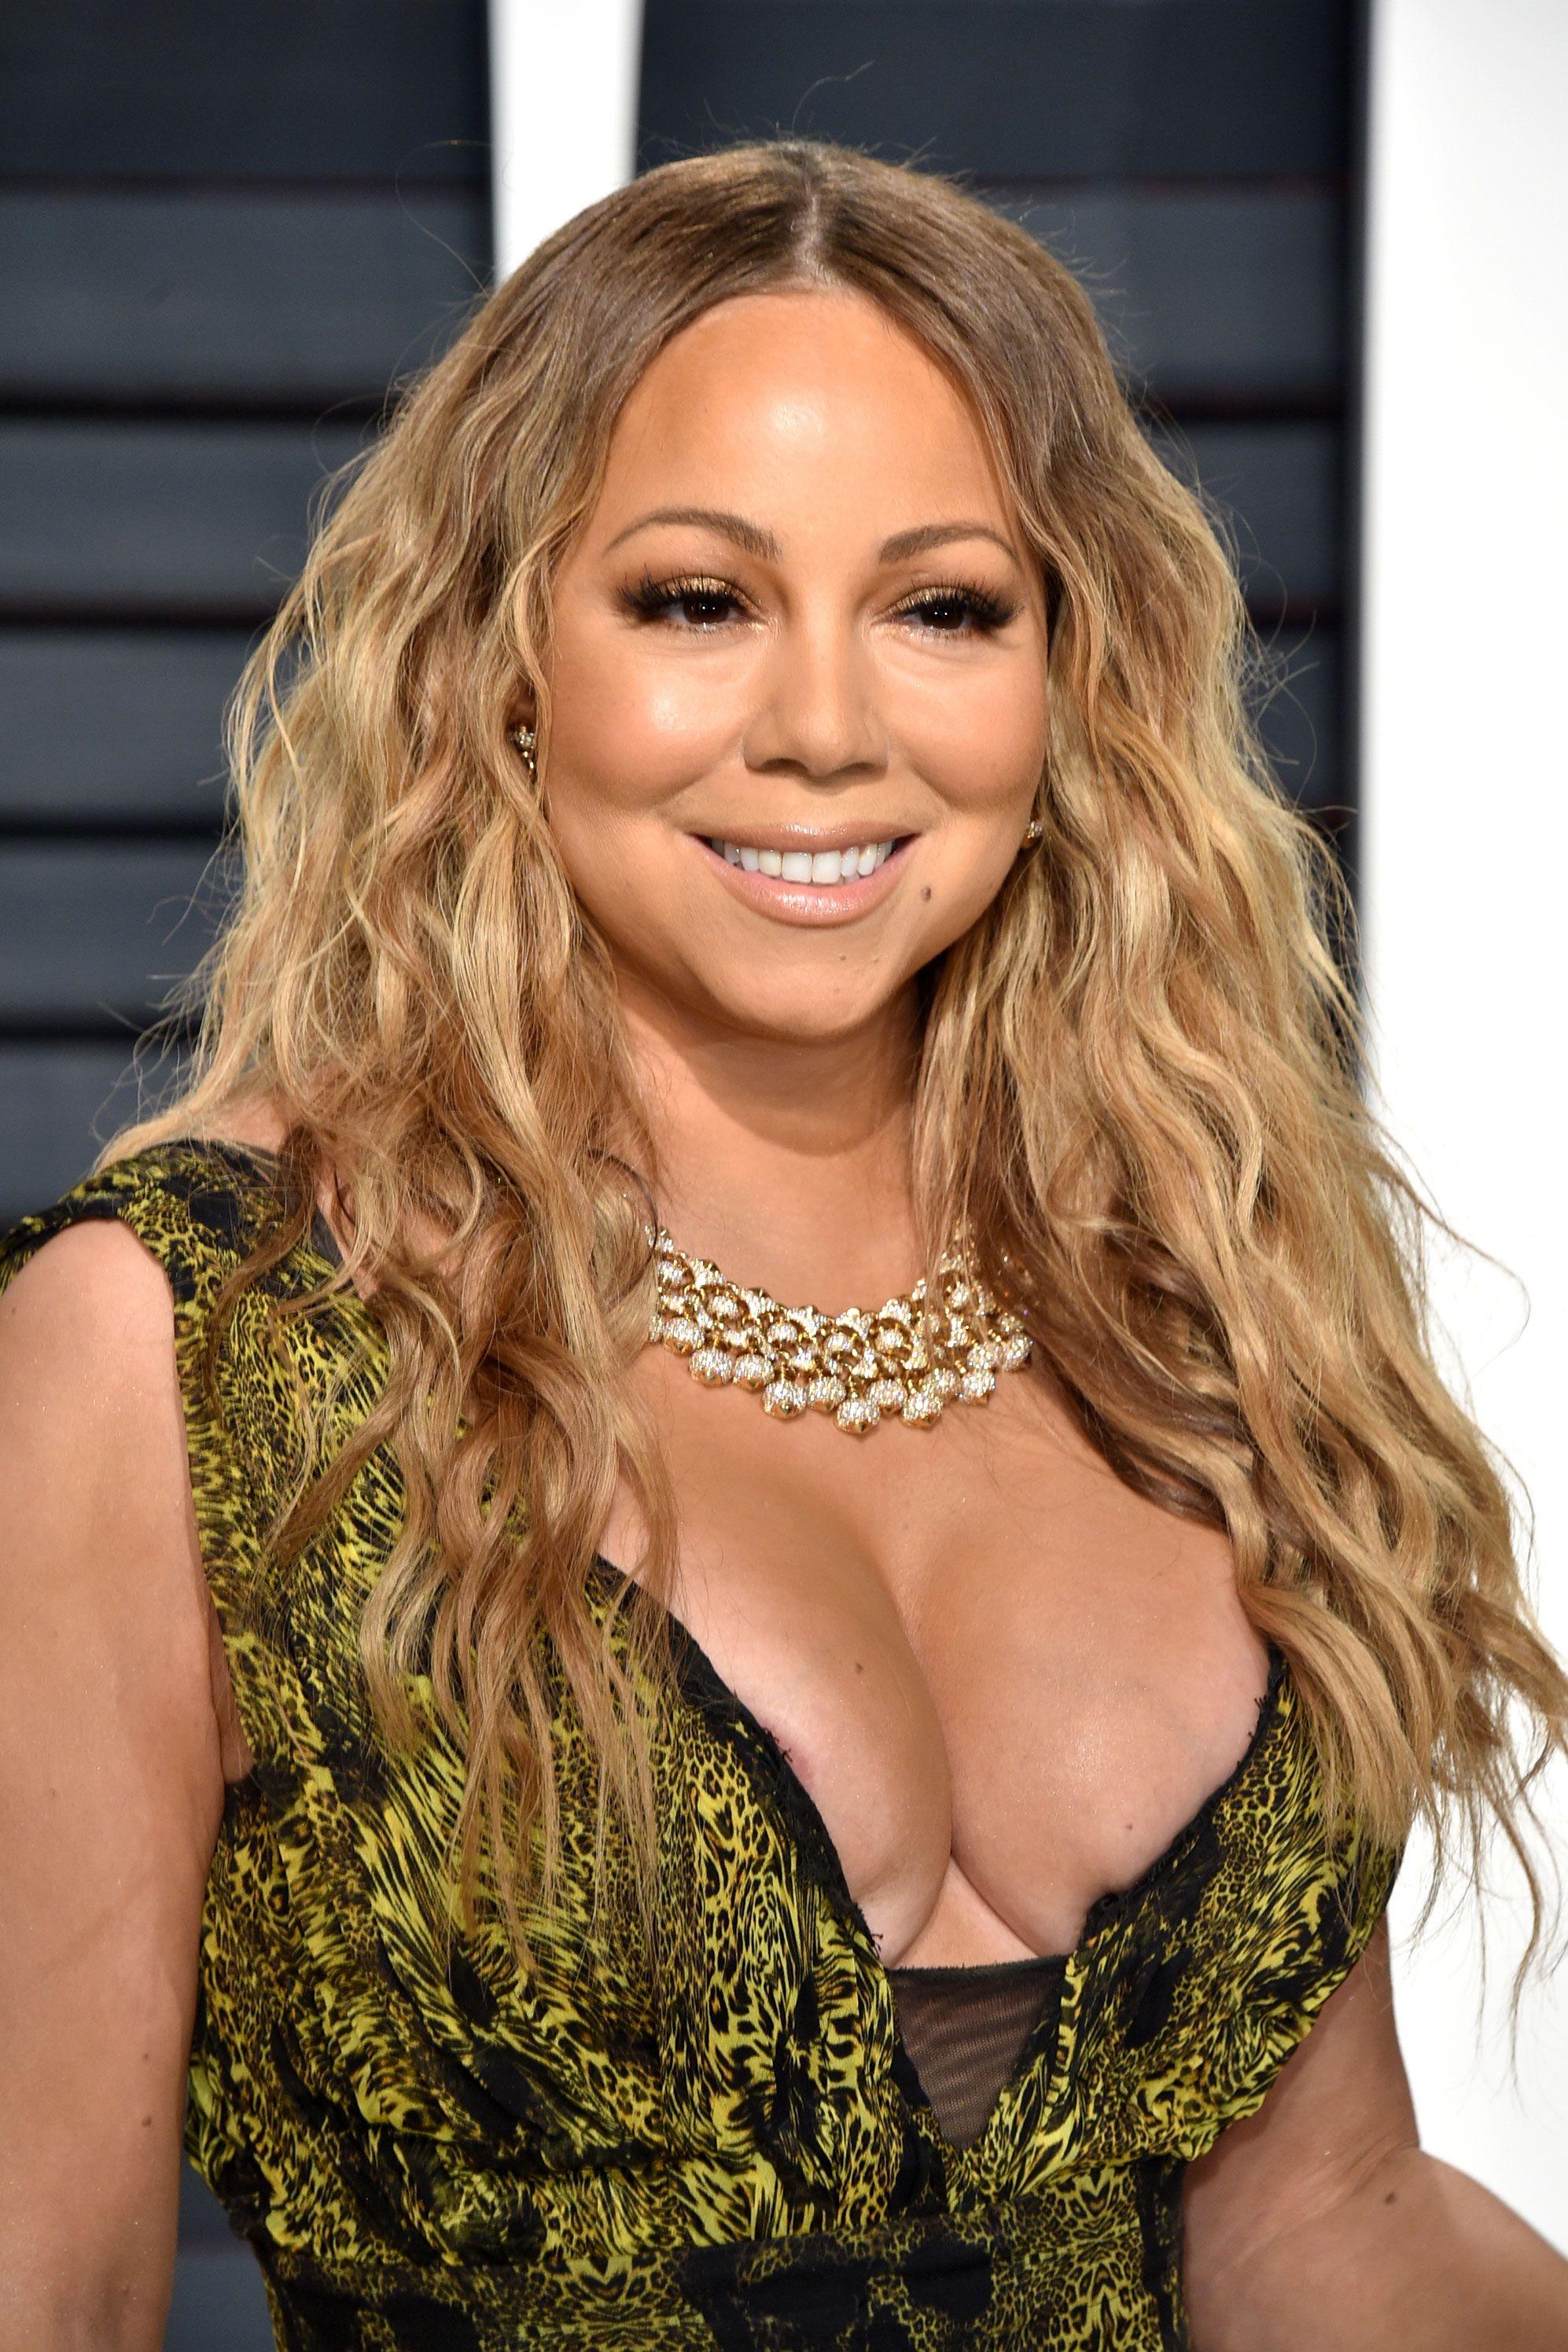 Female celebrities nipple slips